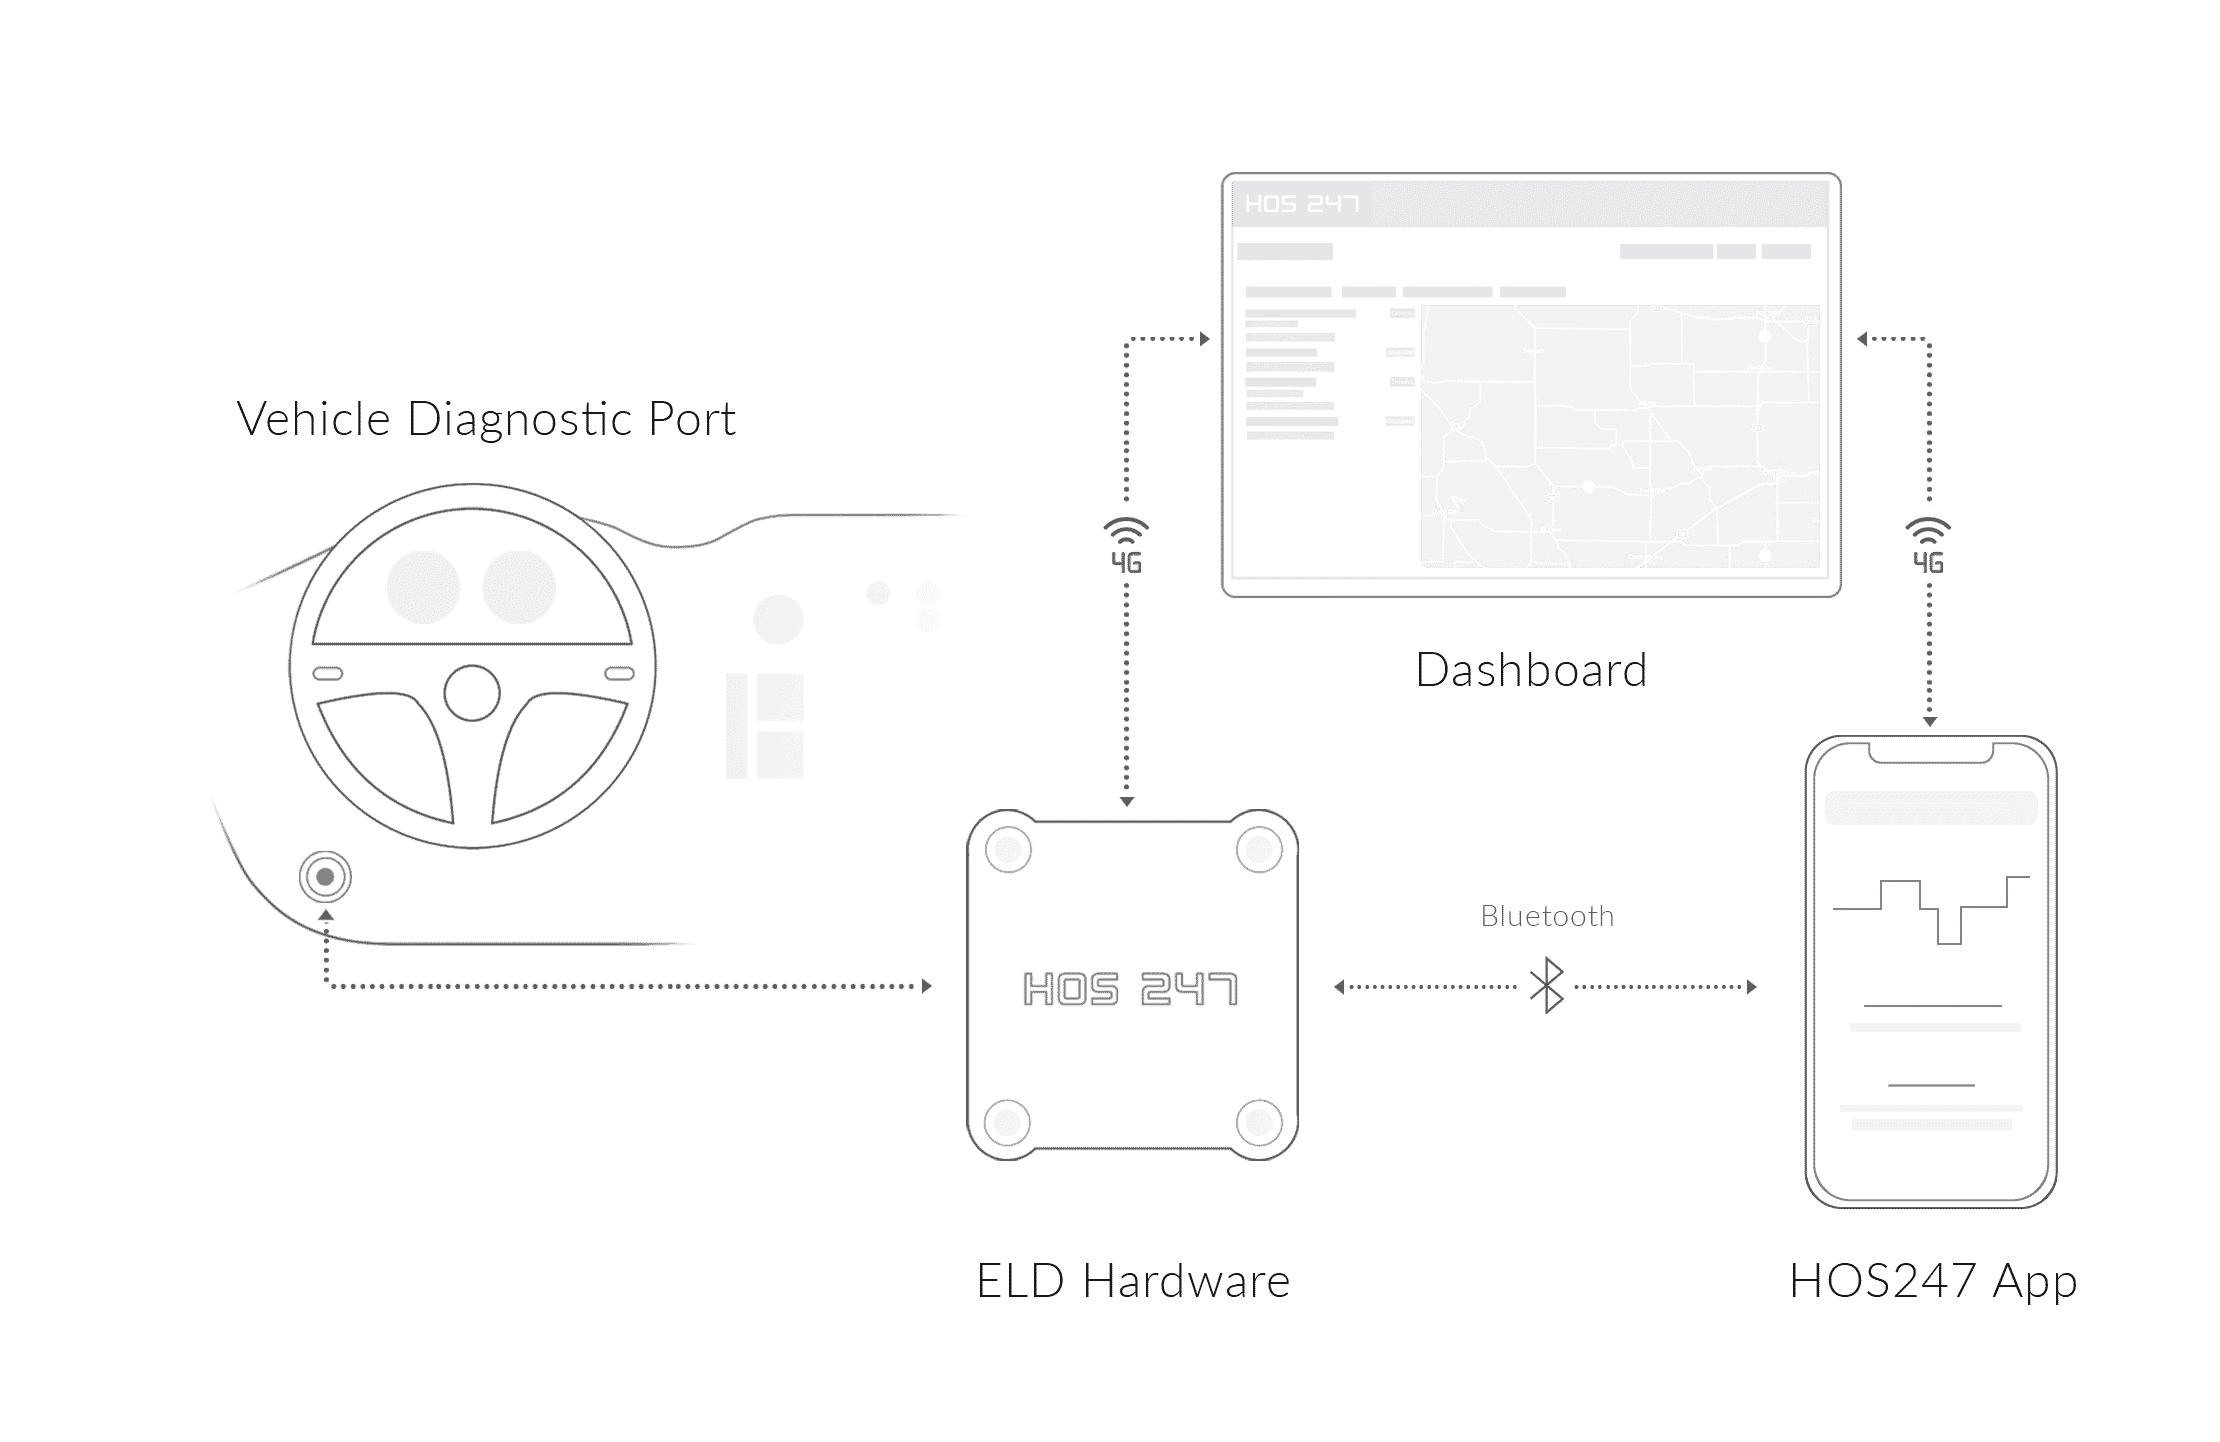 HOS247 ELD installation scheme